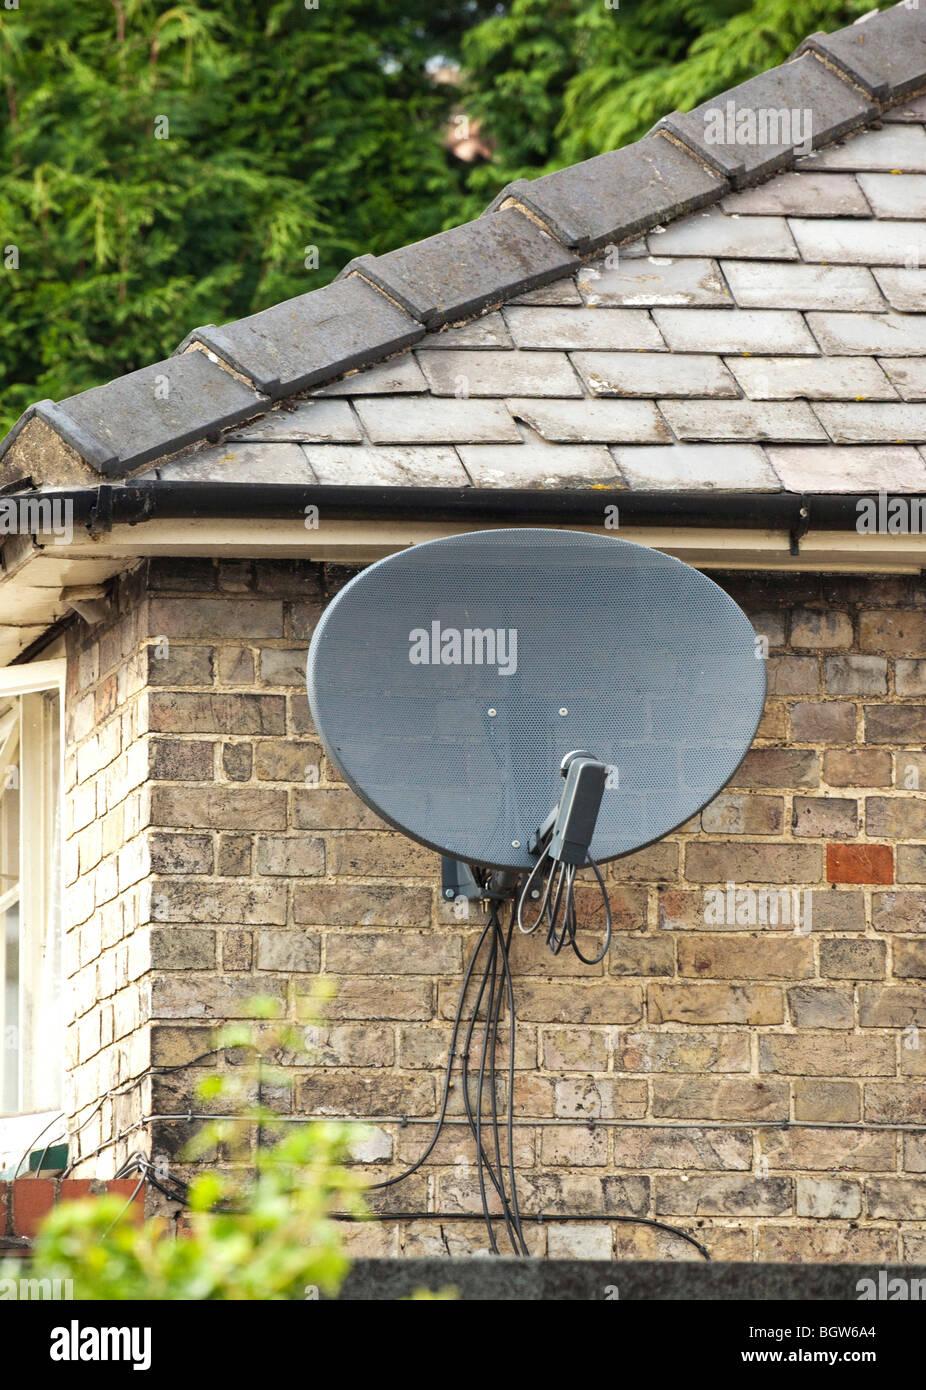 Sky TV numérique par satellite dish Photo Stock